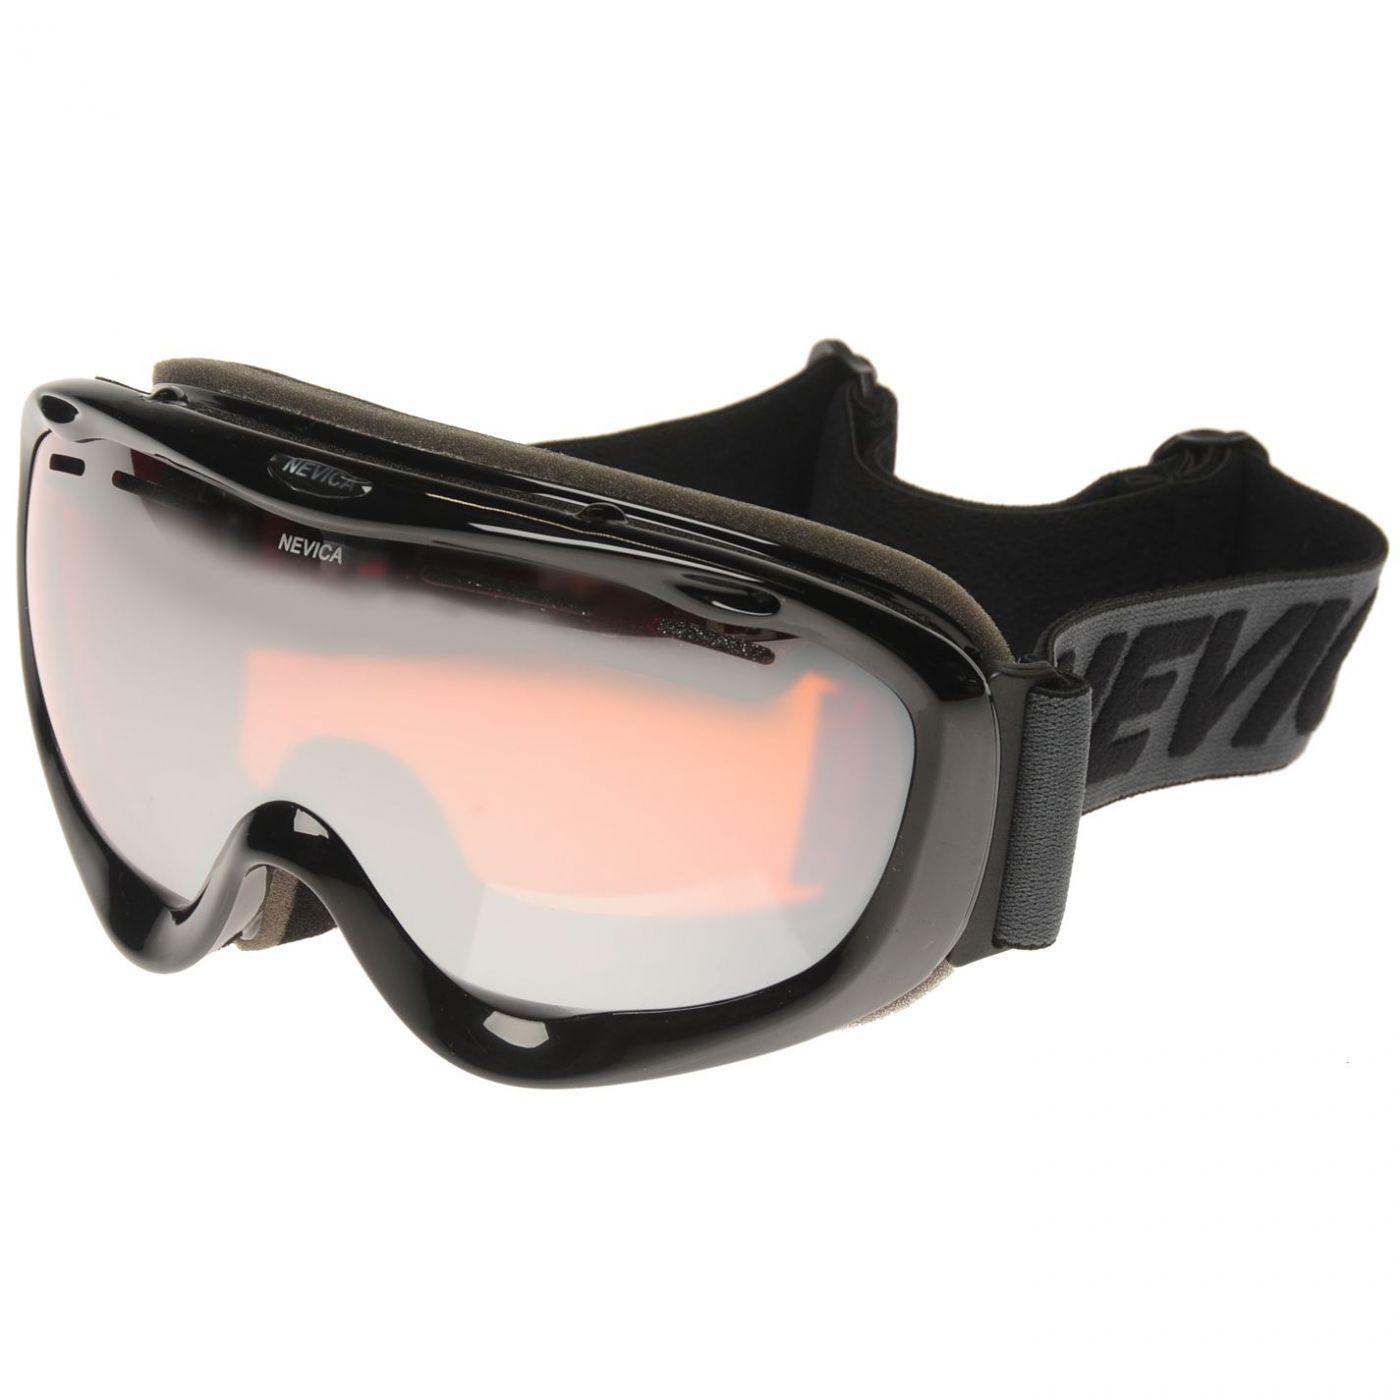 Nevica Vail Ski Goggles Mens